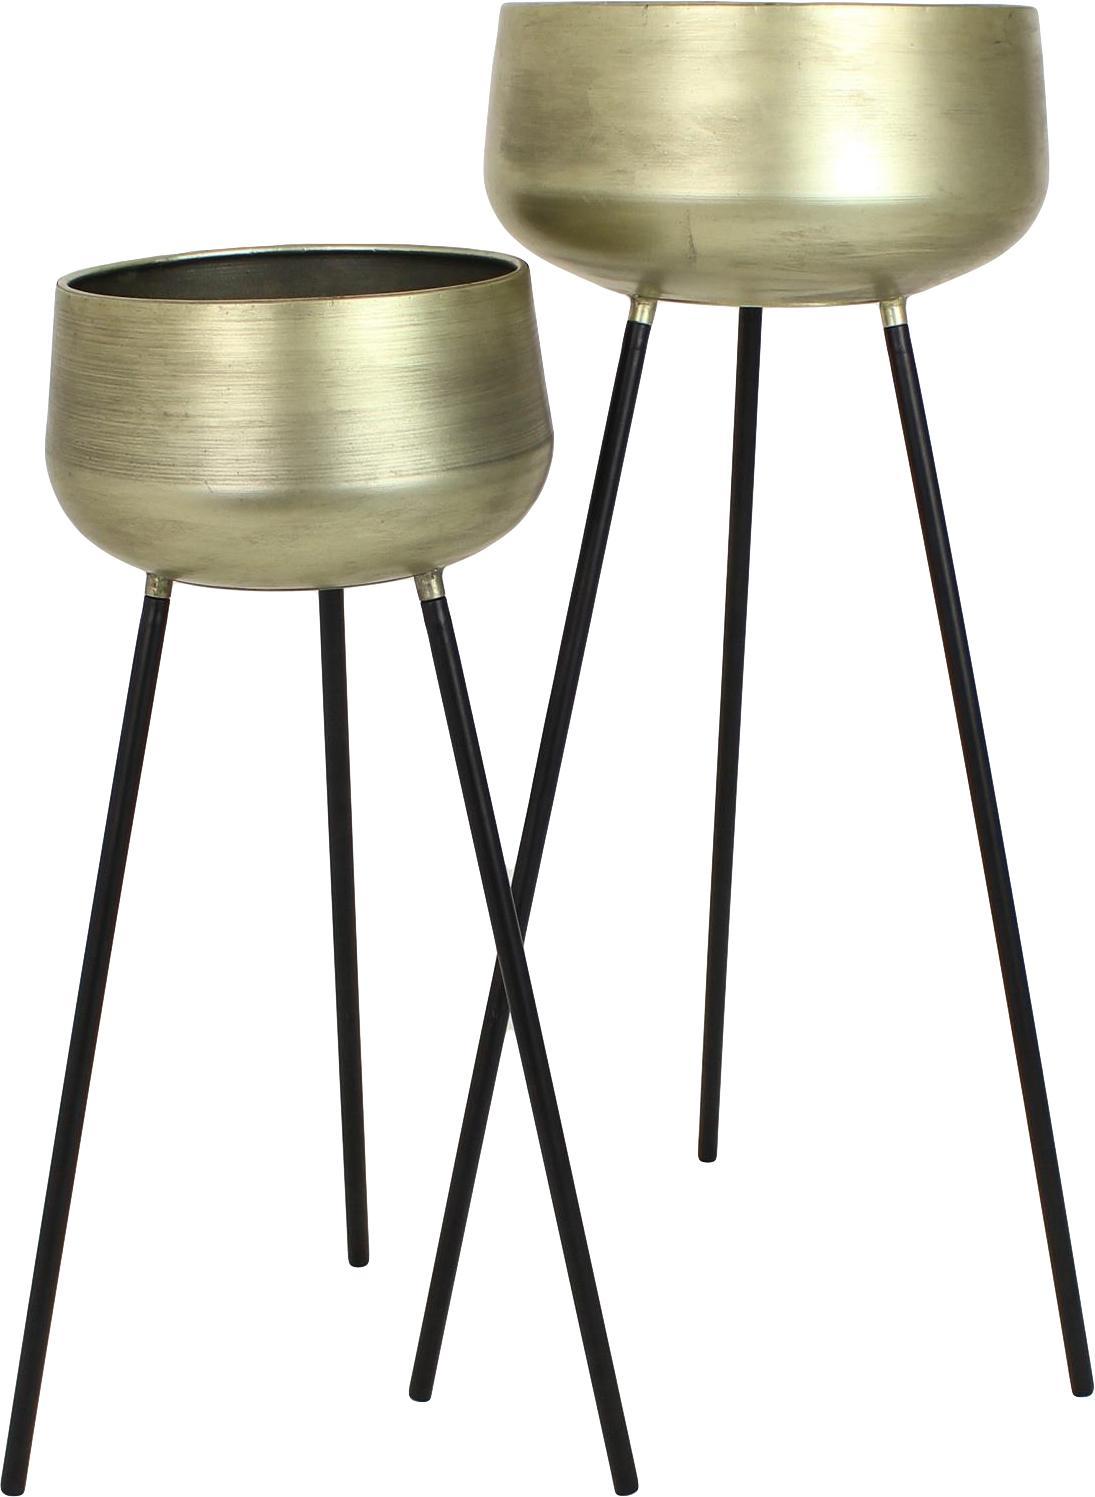 Übertopf-Set Chimp aus Metall, 2-tlg., Metall, beschichtet, Messingfarben, Schwarz, Sondergrößen